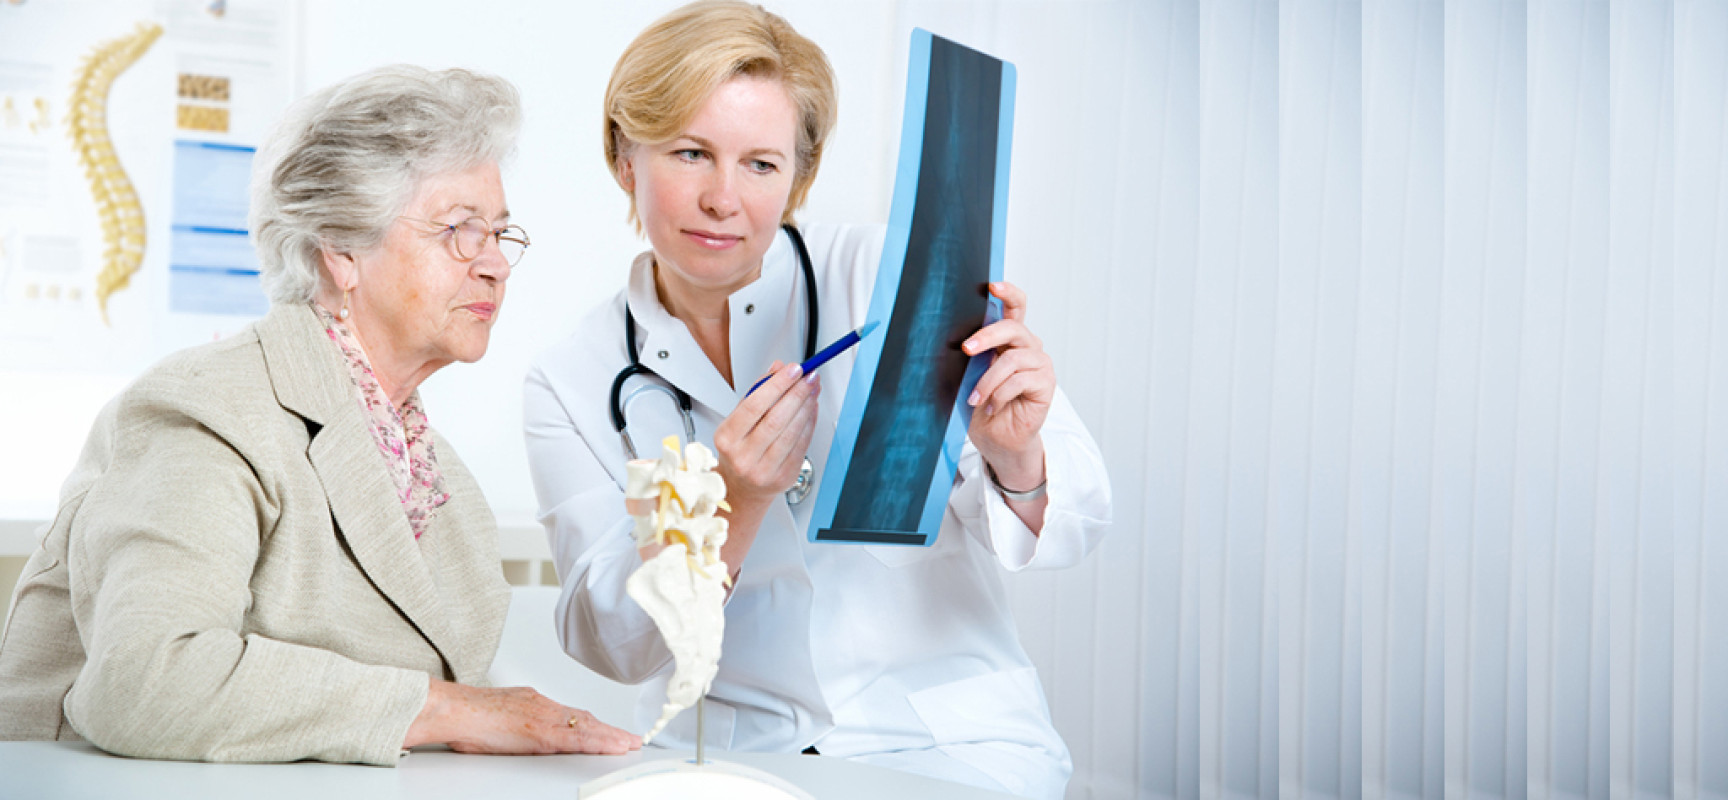 osteoartroz-i-osteohondroz-1728x800_c